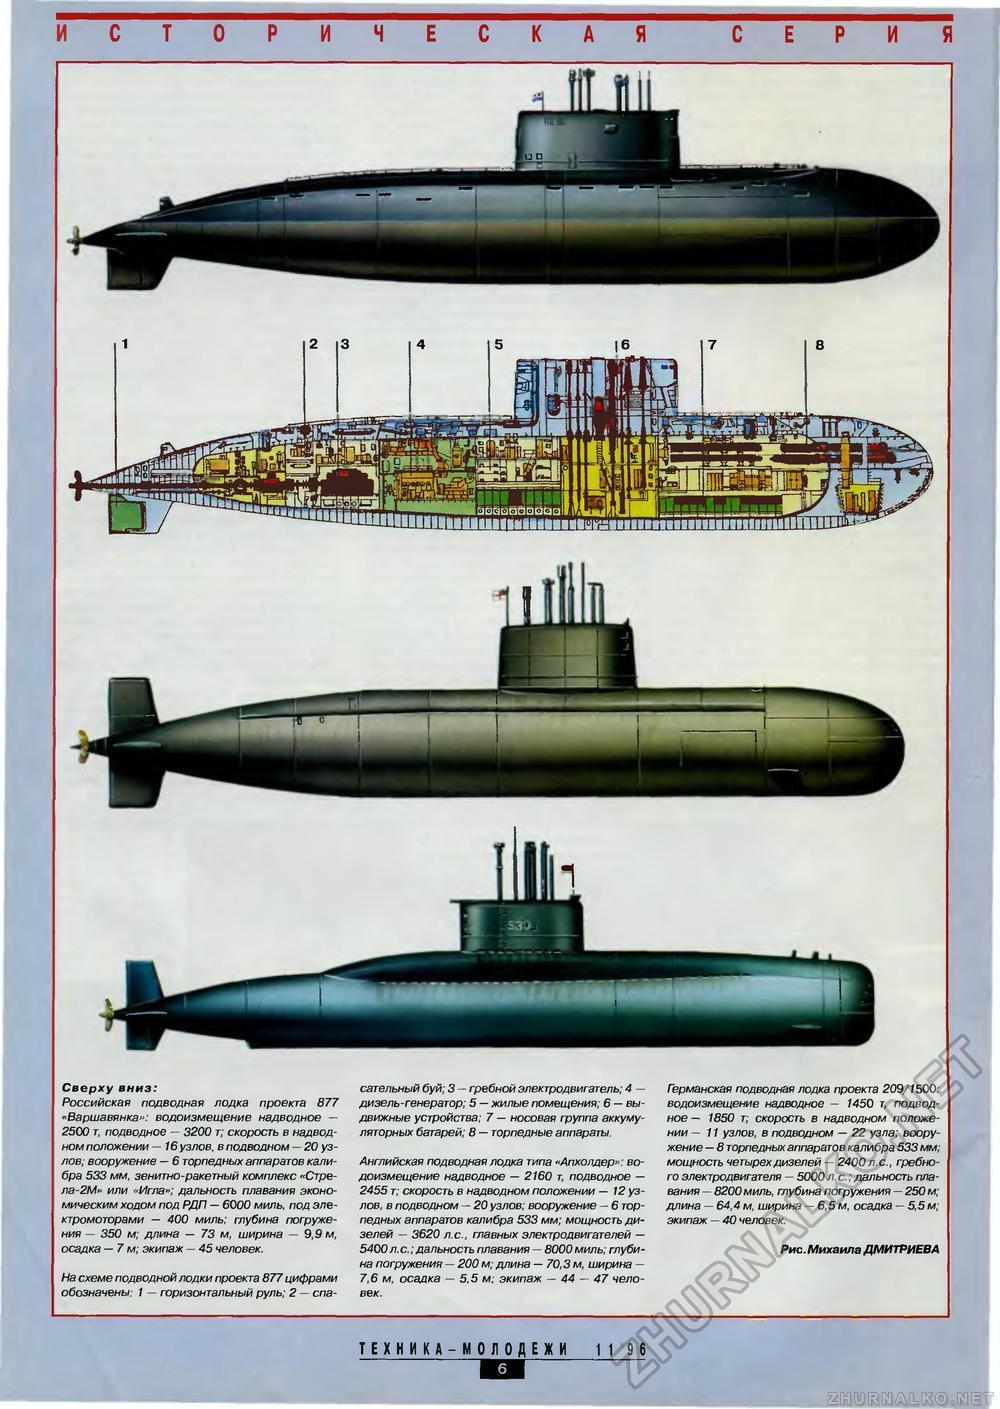 цифры на подводных лодках